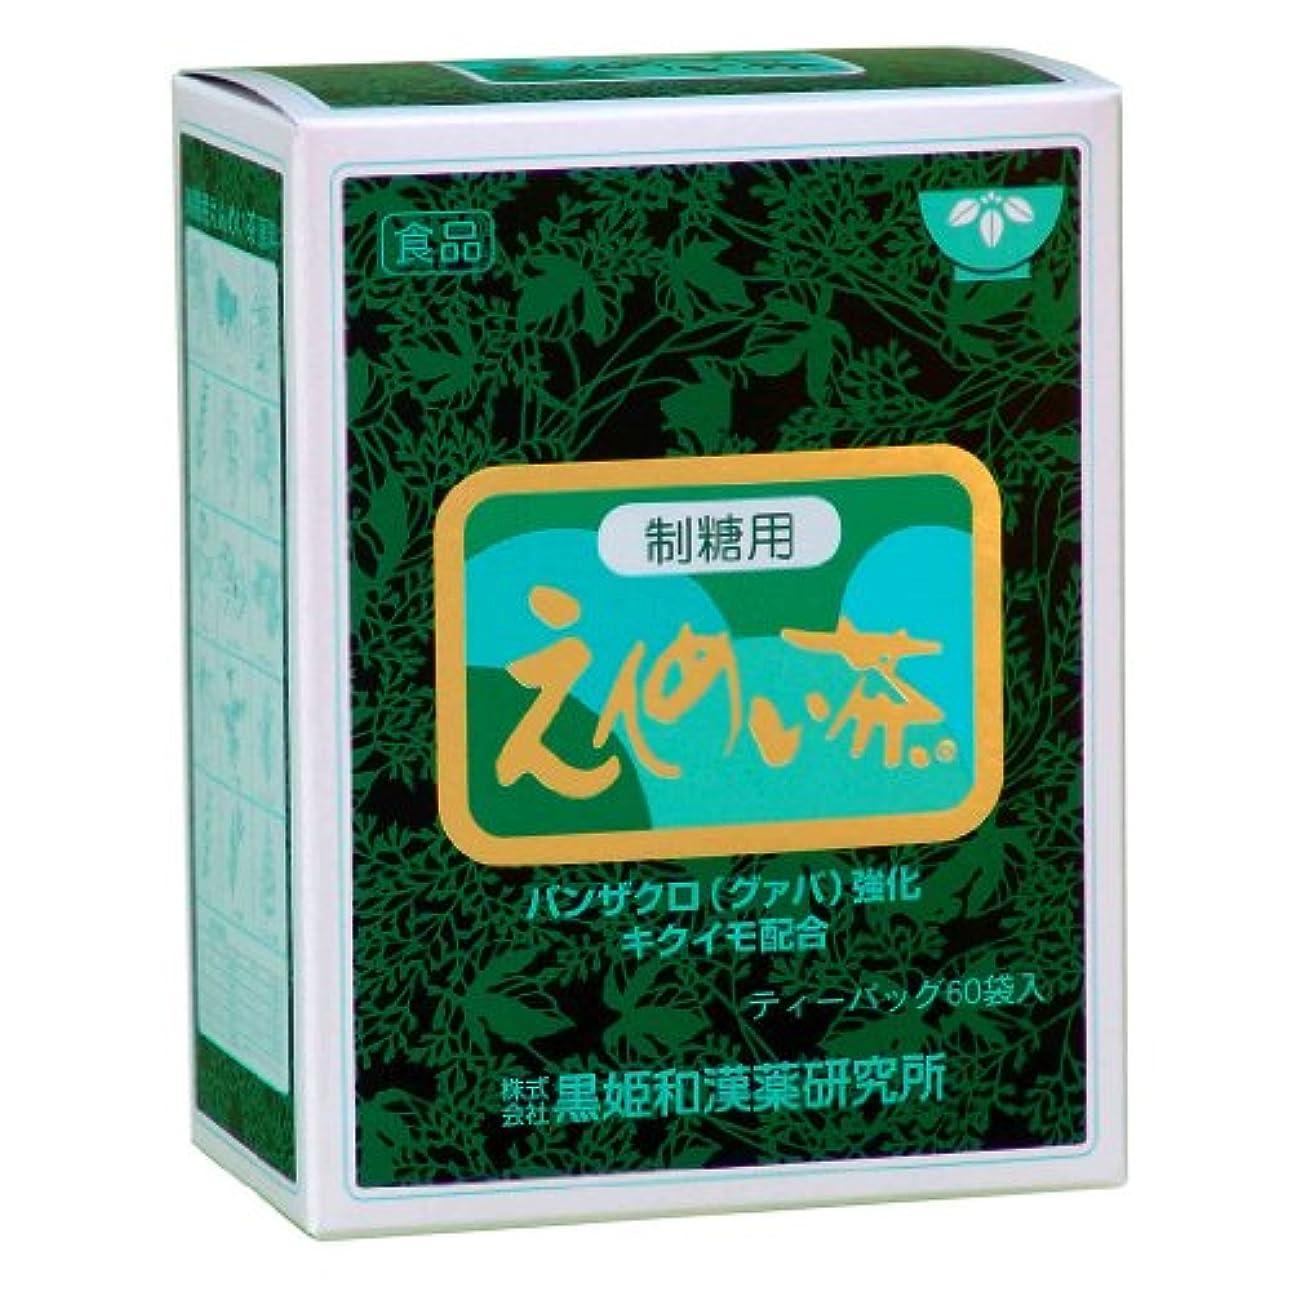 刈る機関レパートリーユニマットリケン 黒姫えんめい茶制糖用 5gx60包